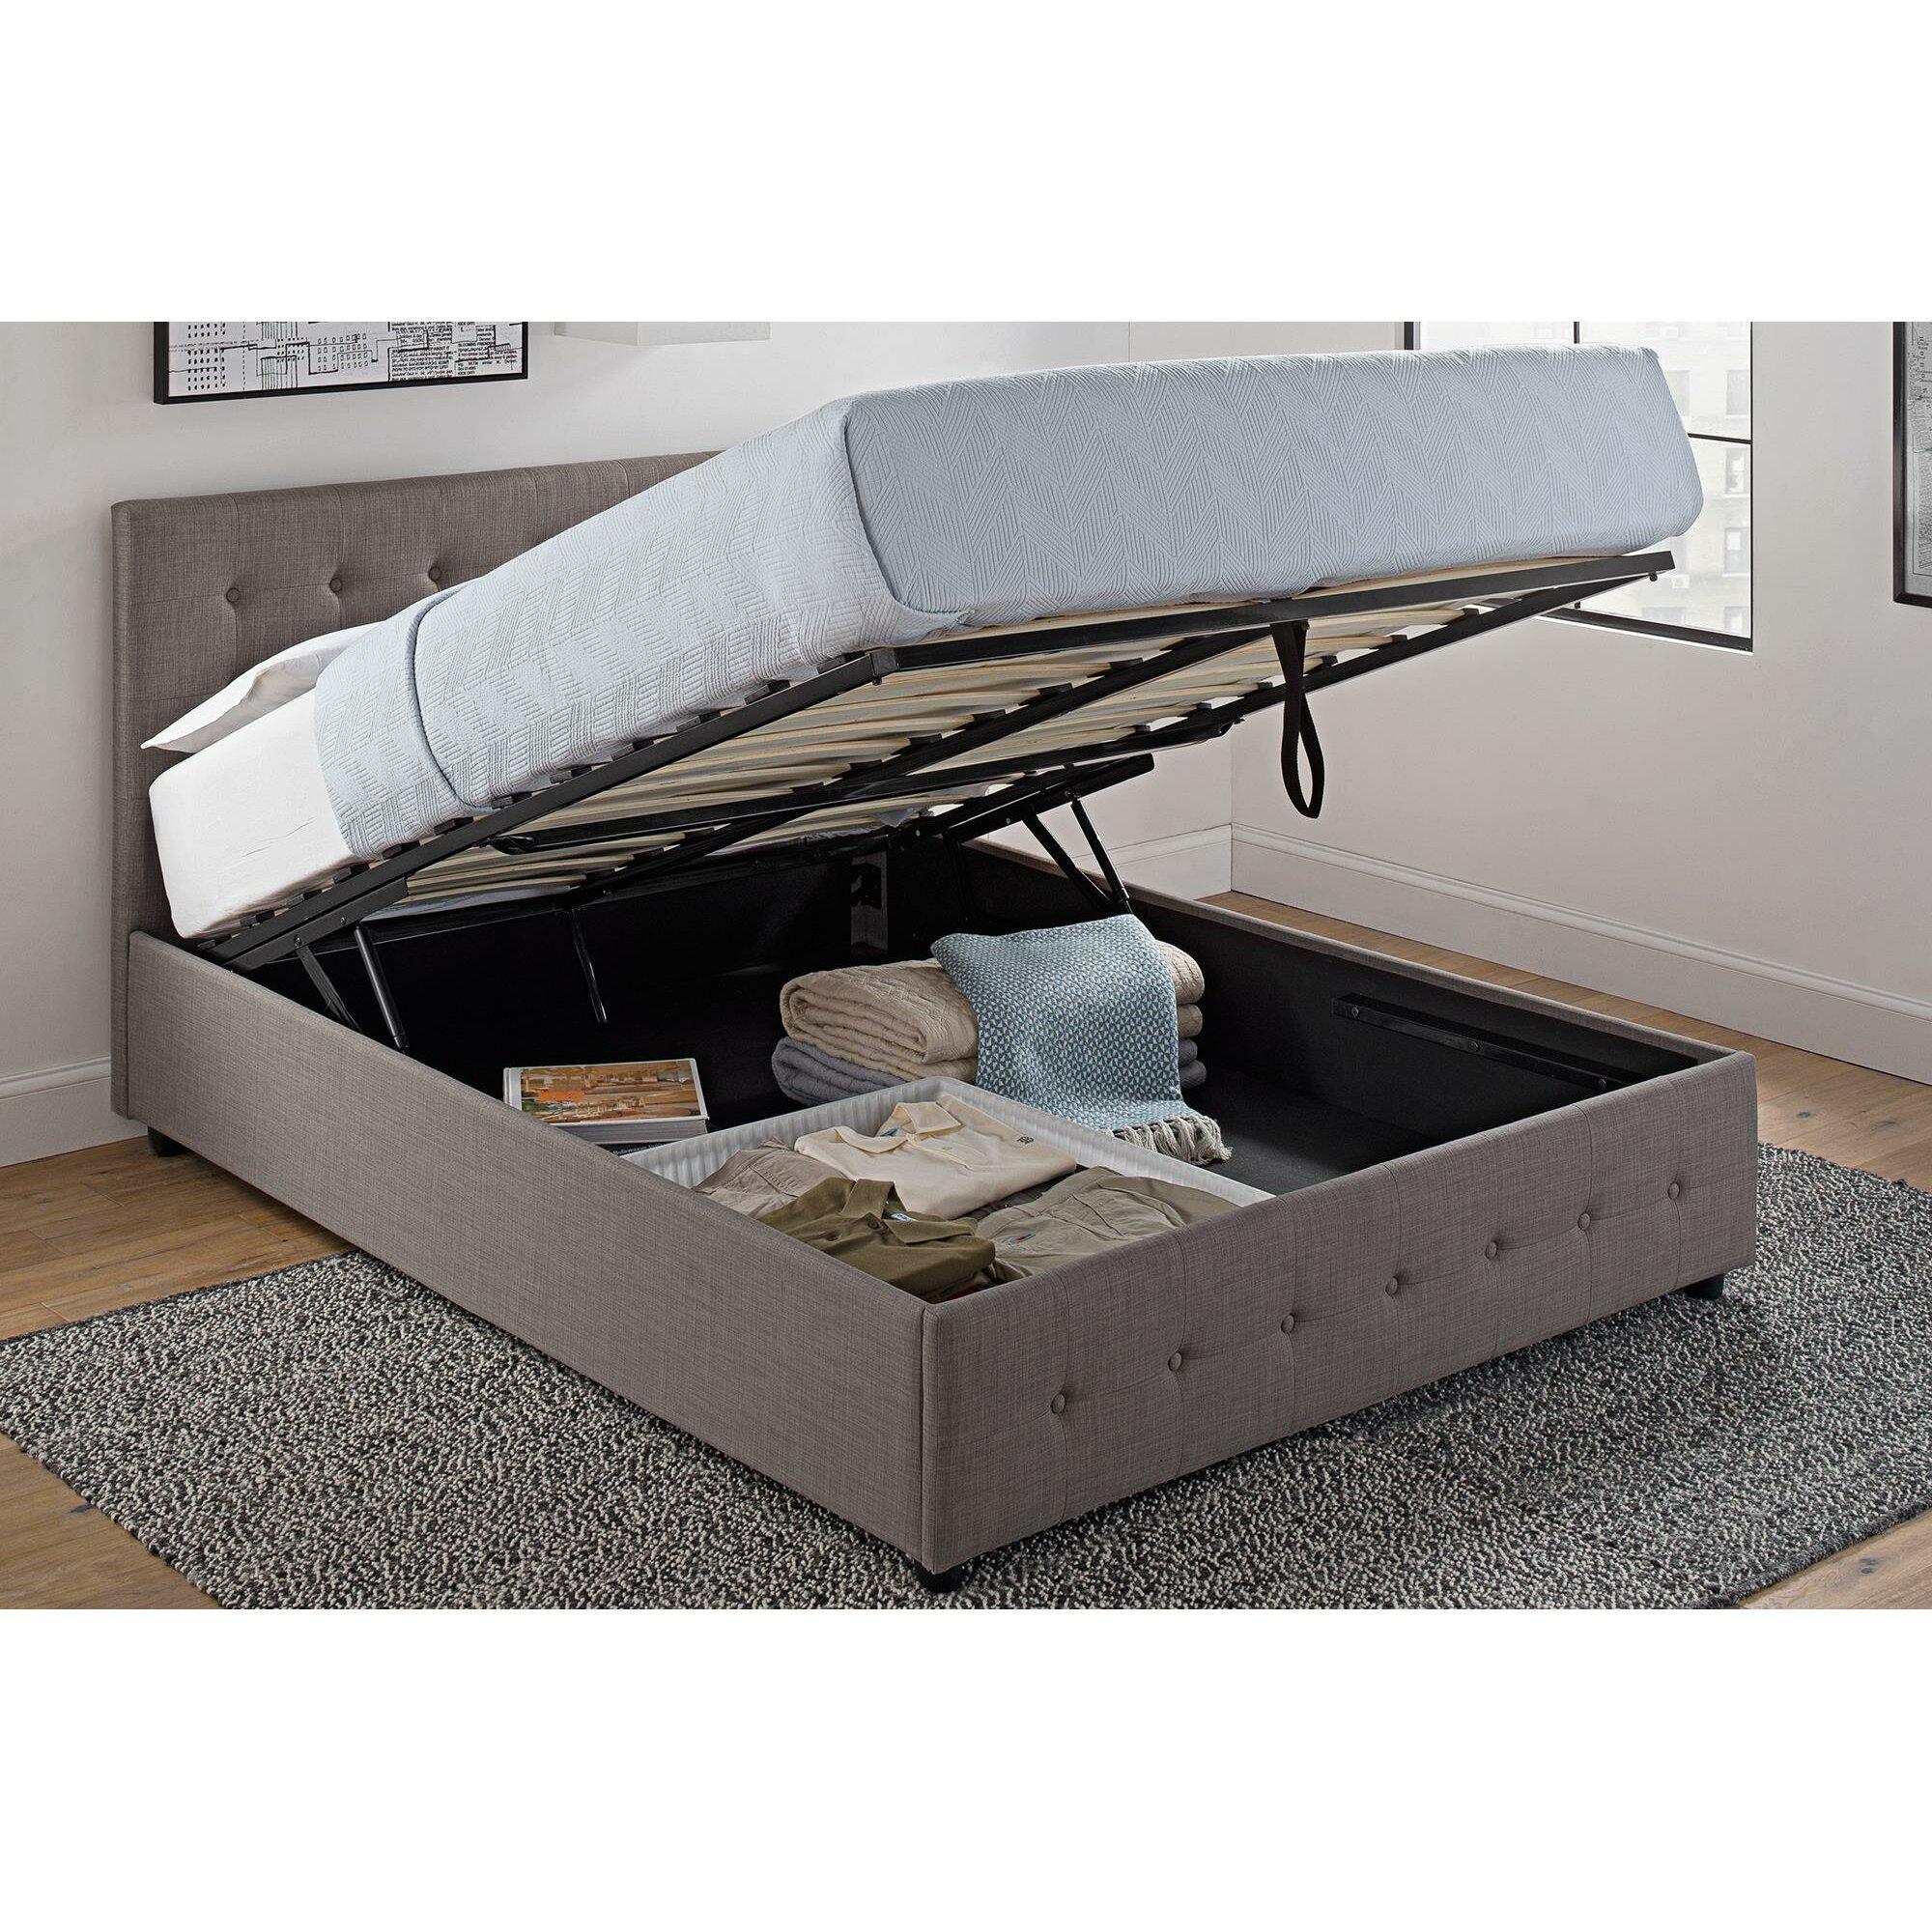 Morphis Upholstered Storage Platform Bed Amp Reviews Allmodern